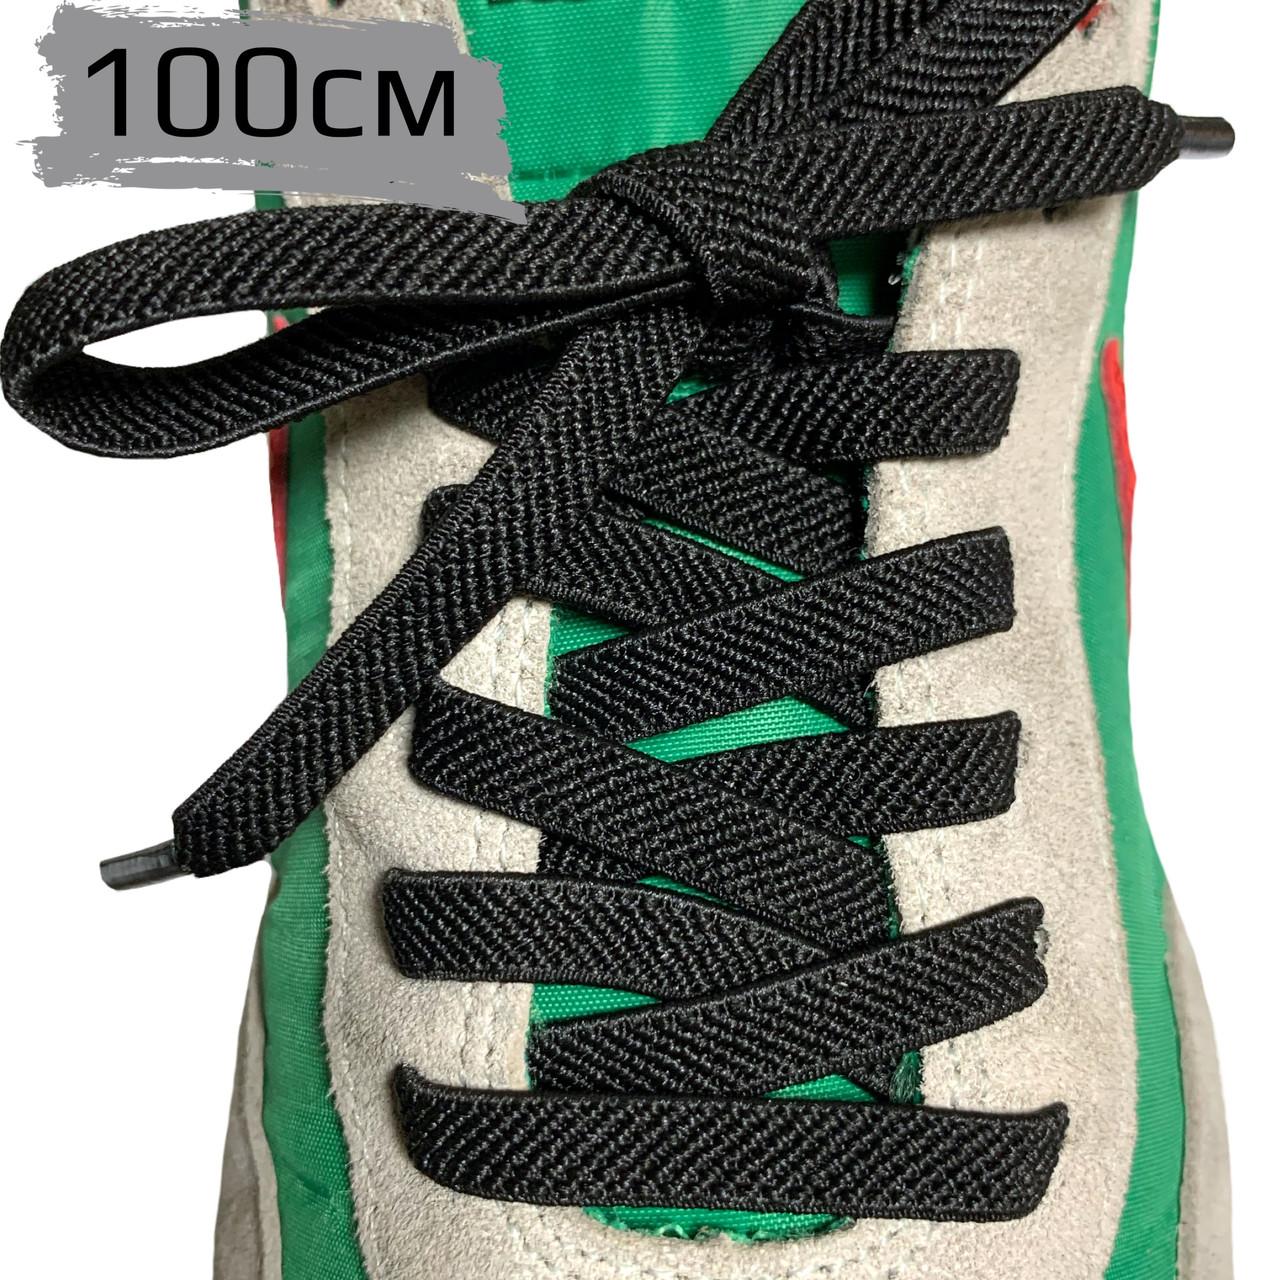 Шнурки для обуви РЕЗИНА 100см плоские, эластичные шнурки